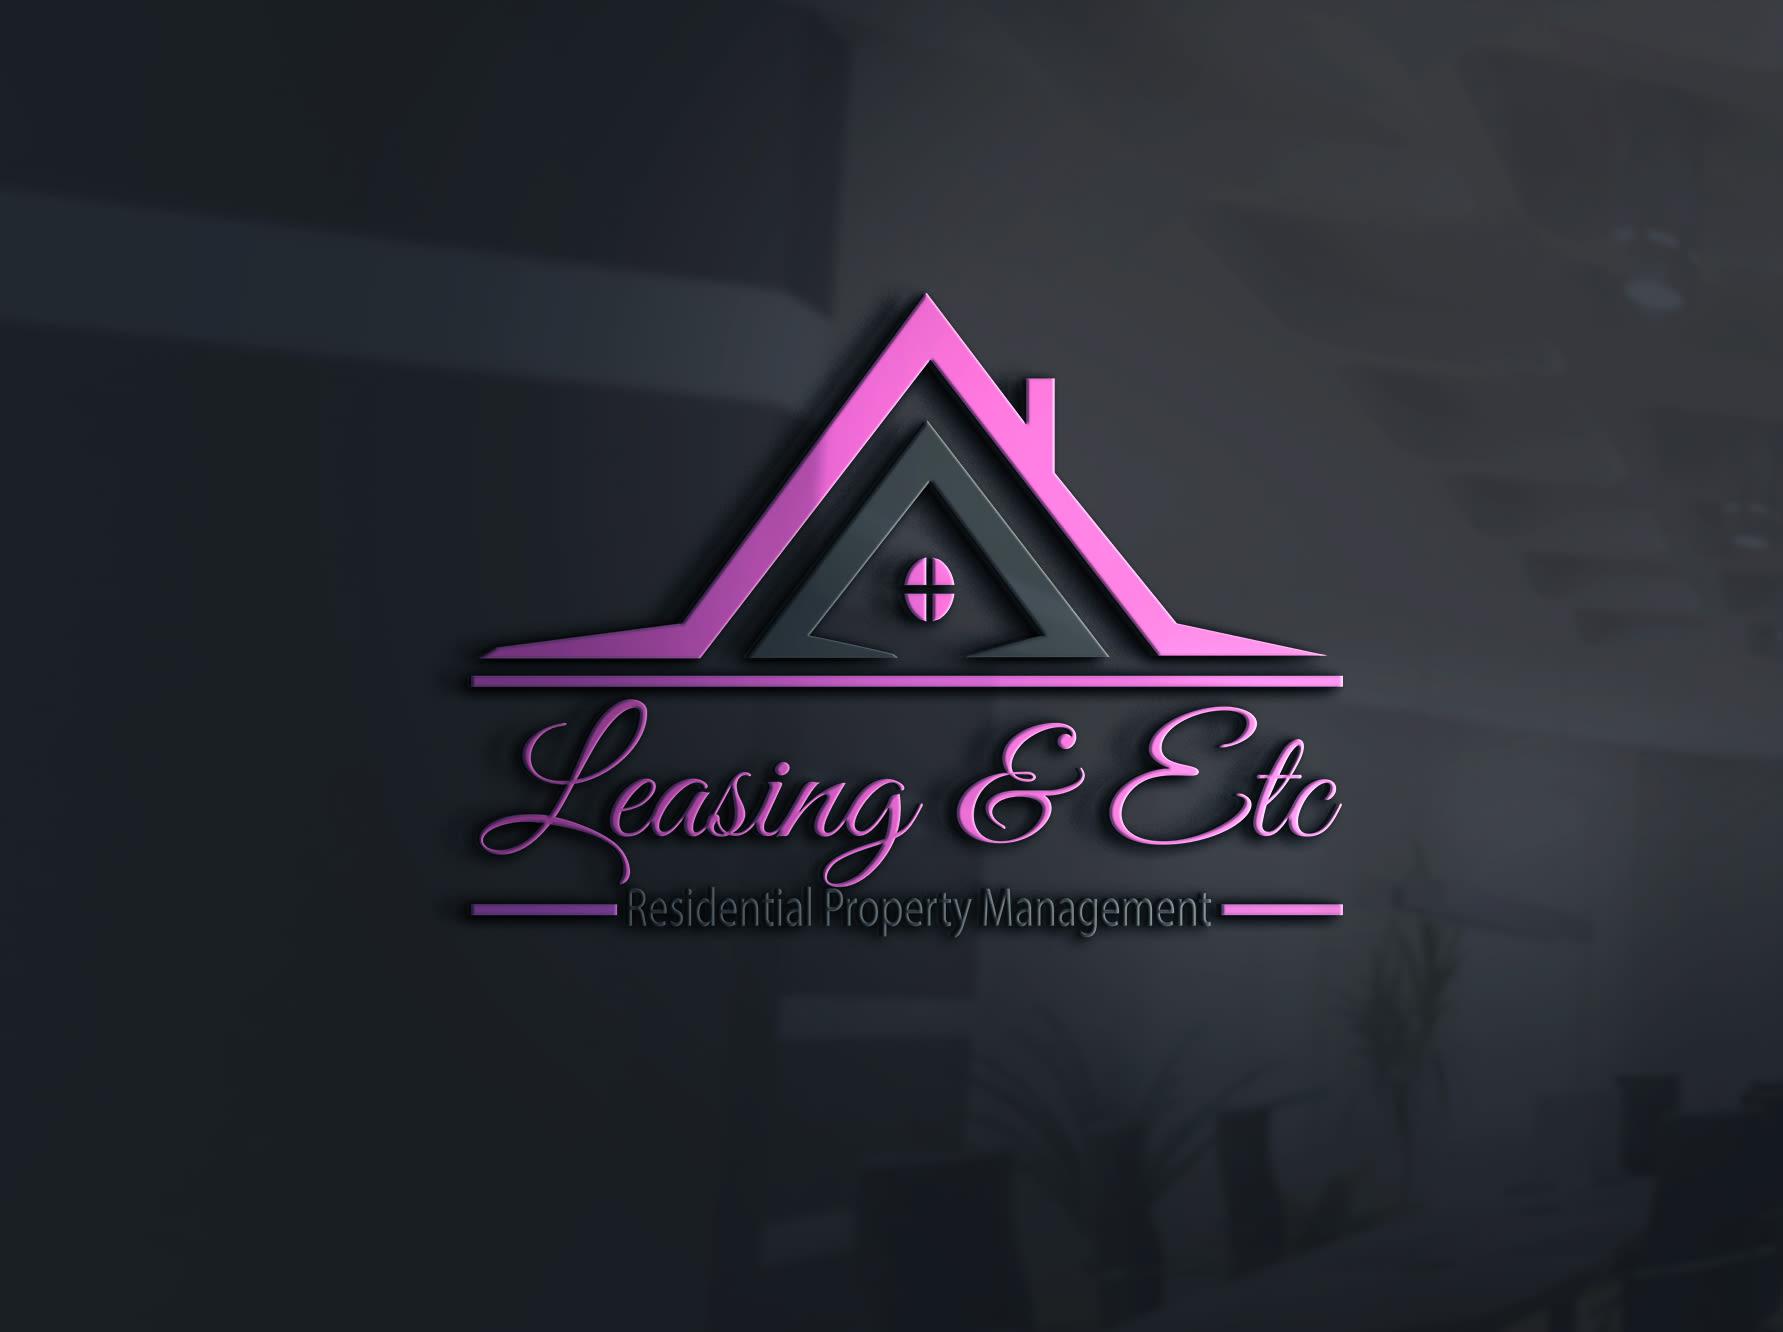 LEASING & ETC.